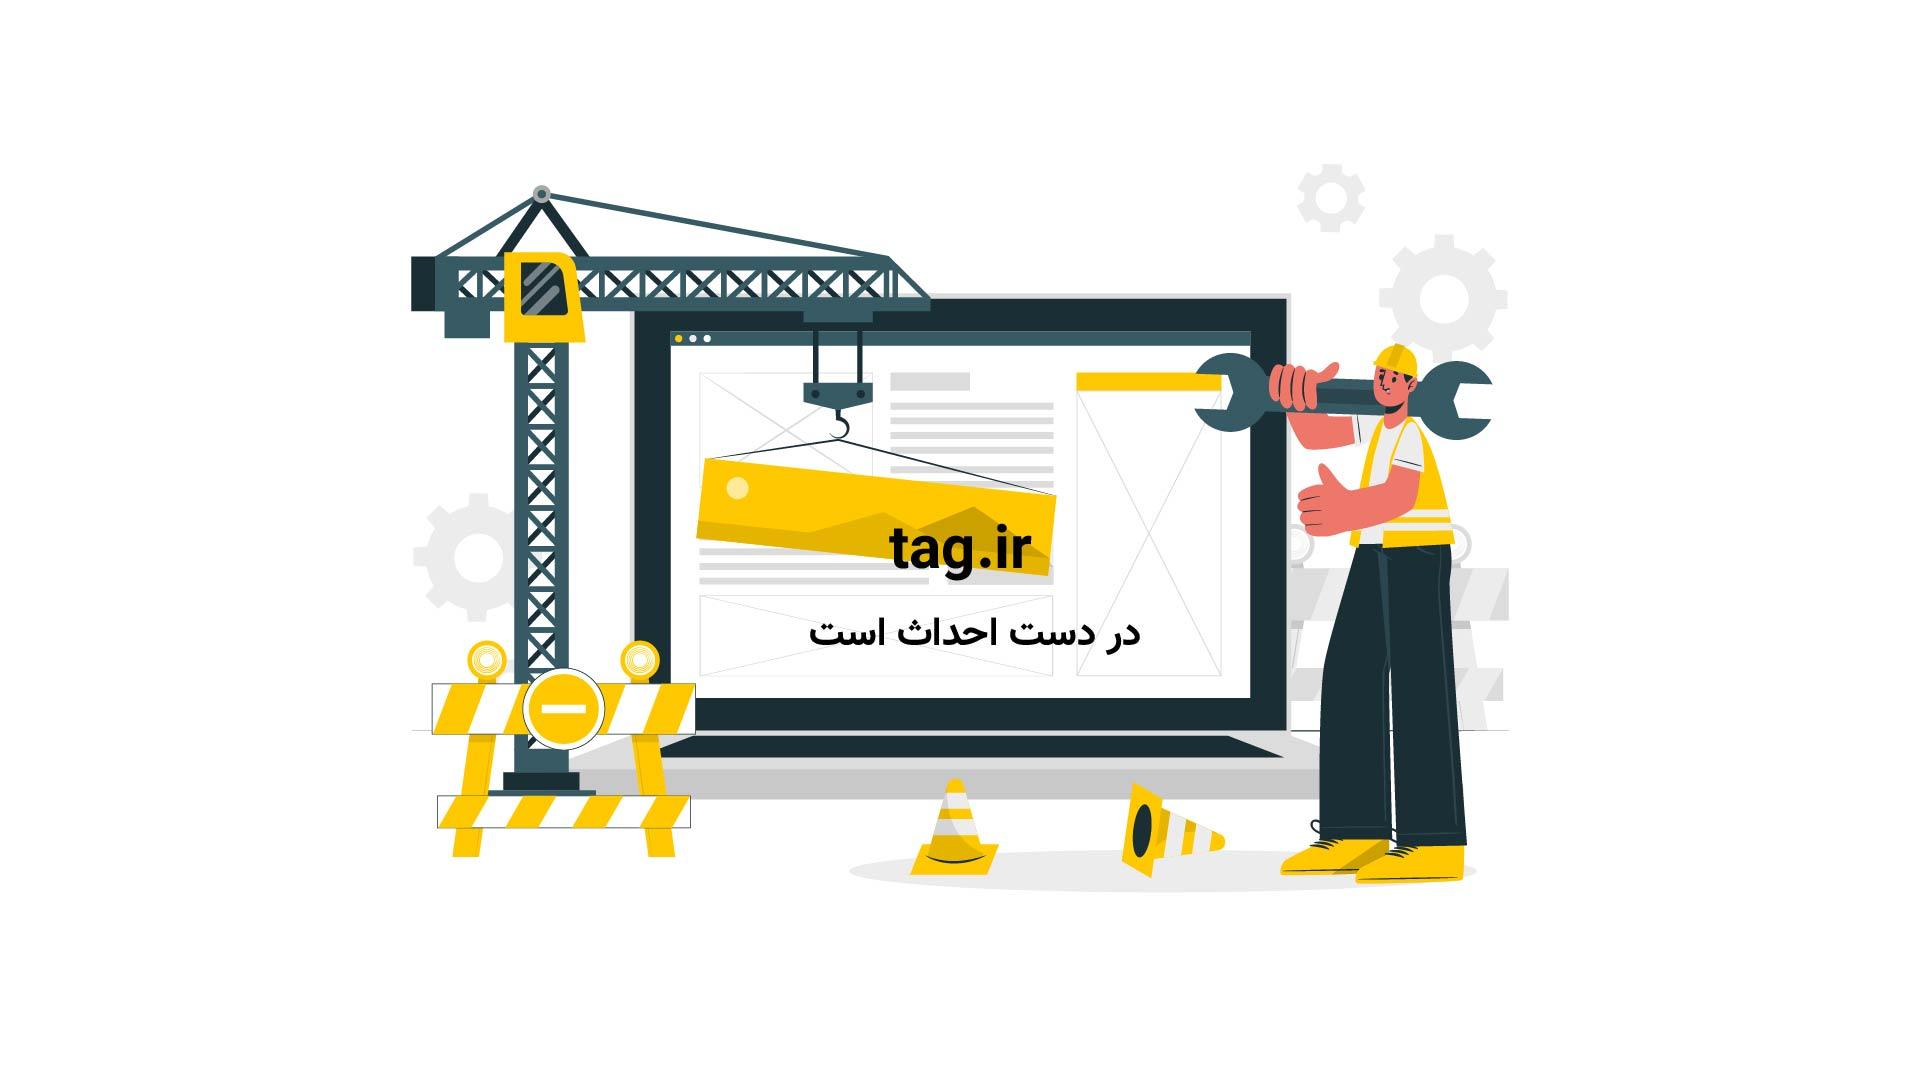 طراحی لباس تیم ملی توسط بایرام در برنامه خندوانه | فیلم